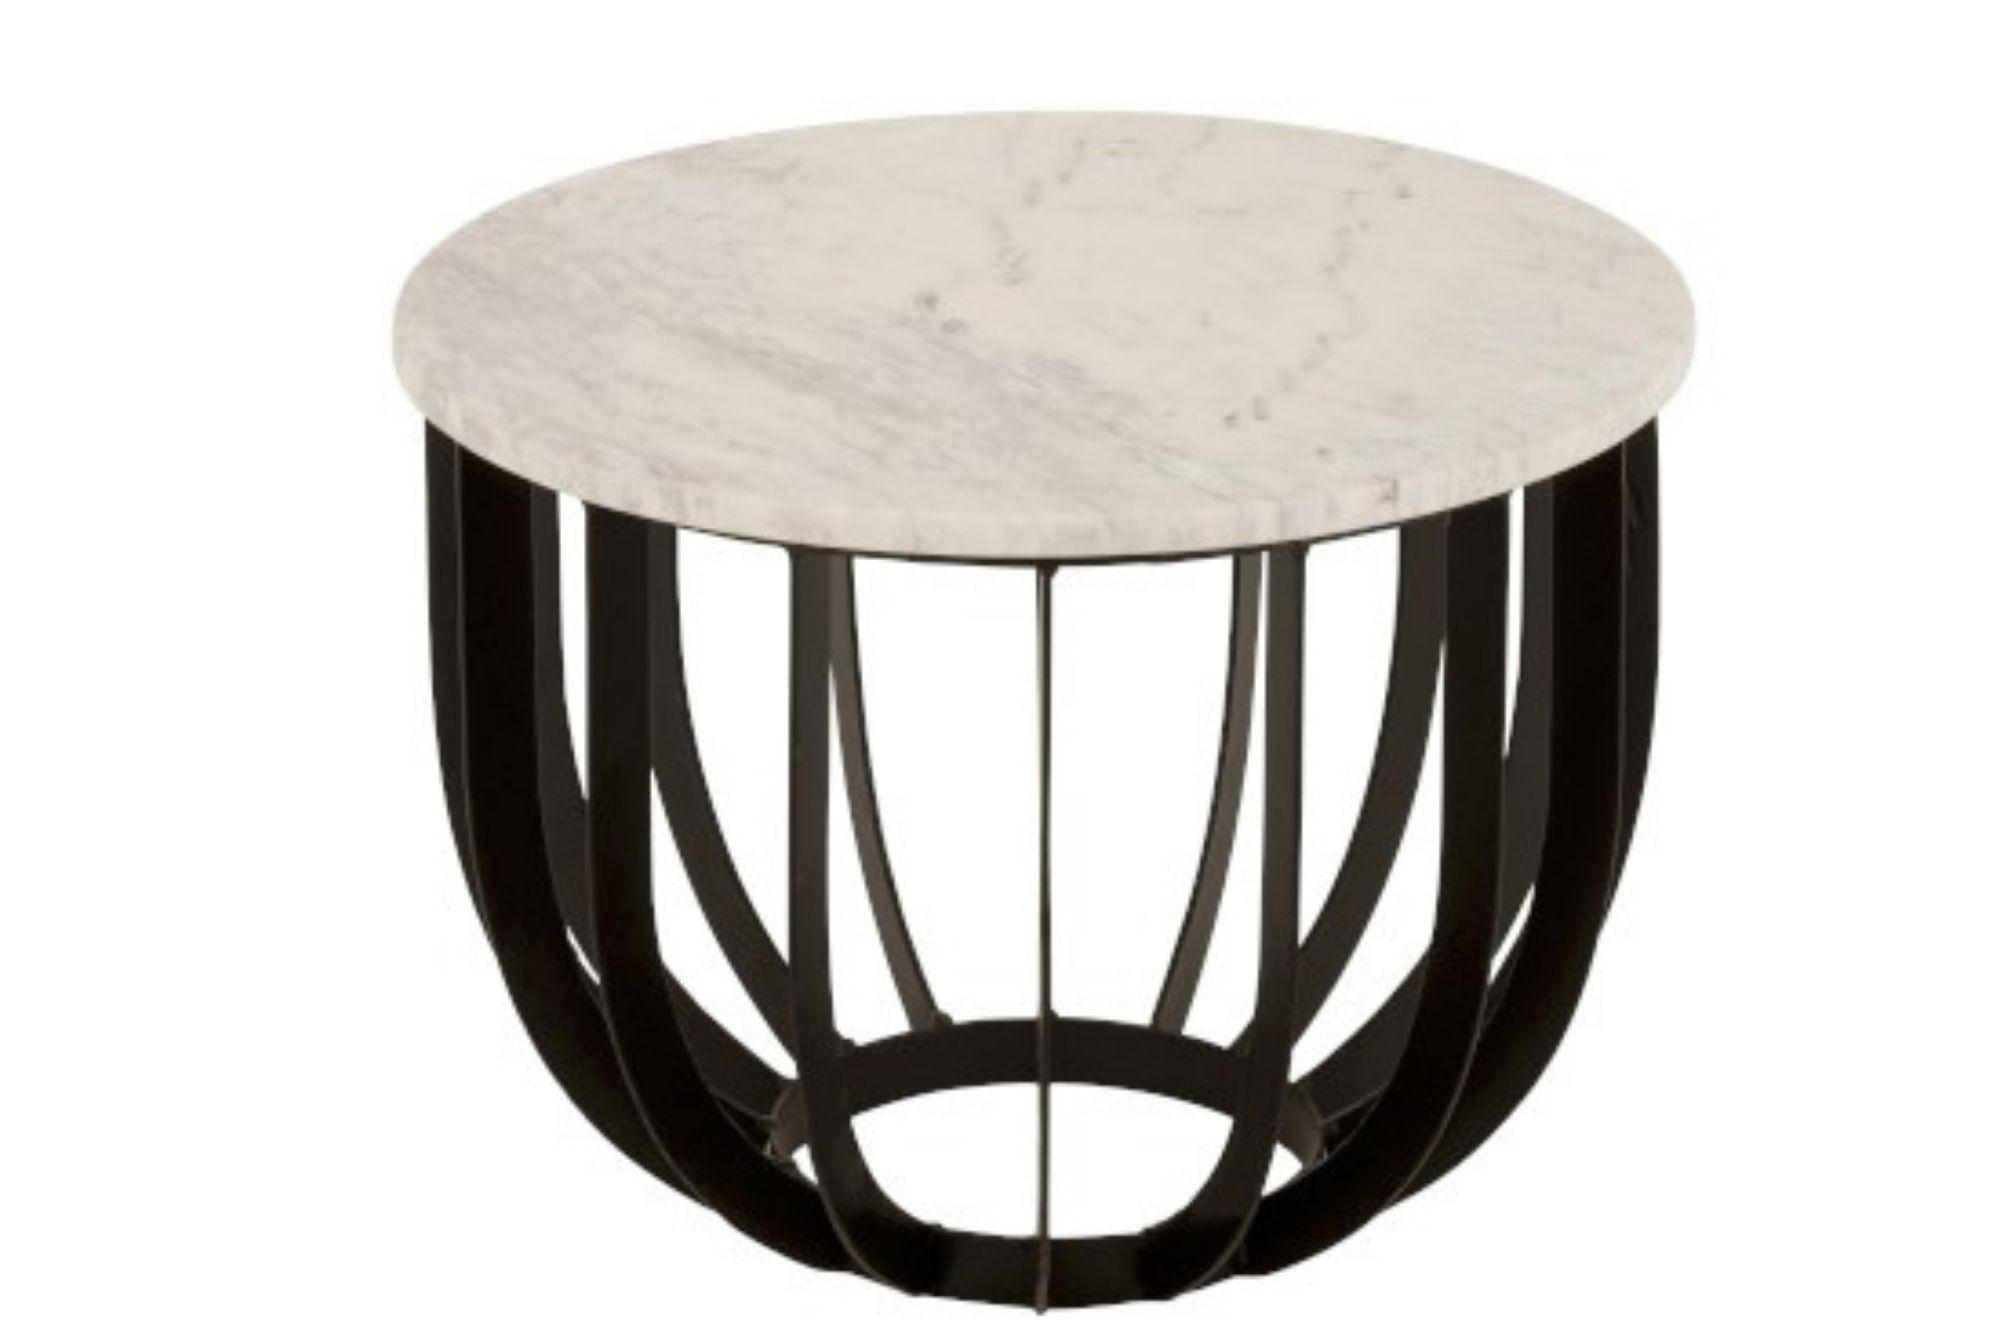 Table basse ronde en marbre et métal diamètre 50 cm